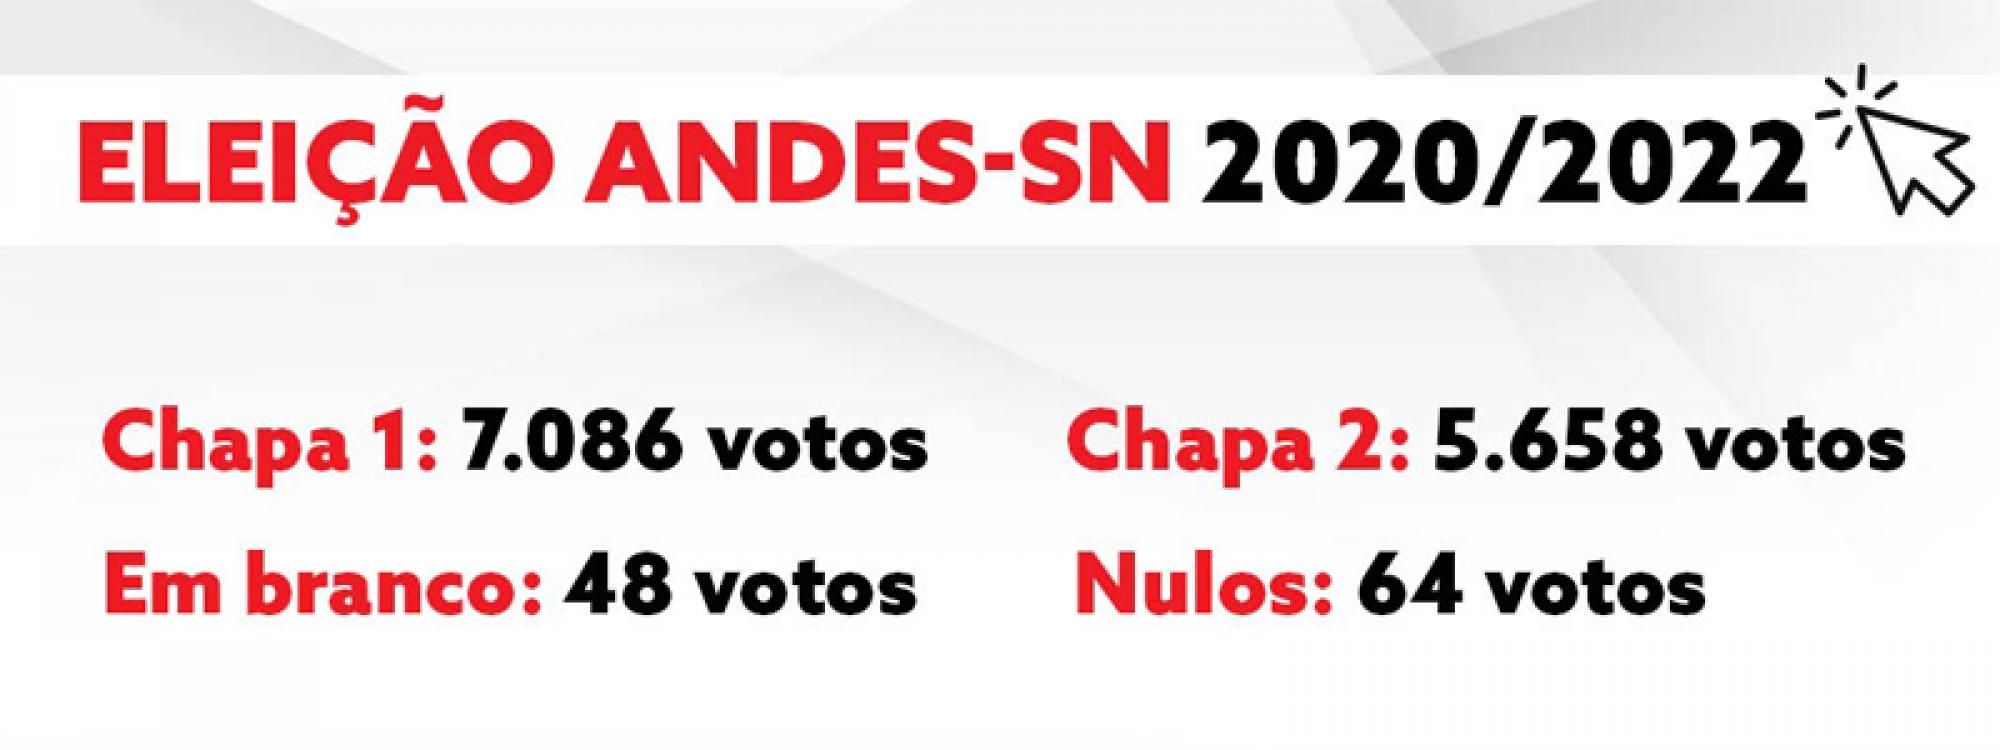 Chapa Unidade para Lutar vence processo eleitoral do ANDES-SN para o biênio 2020-2022